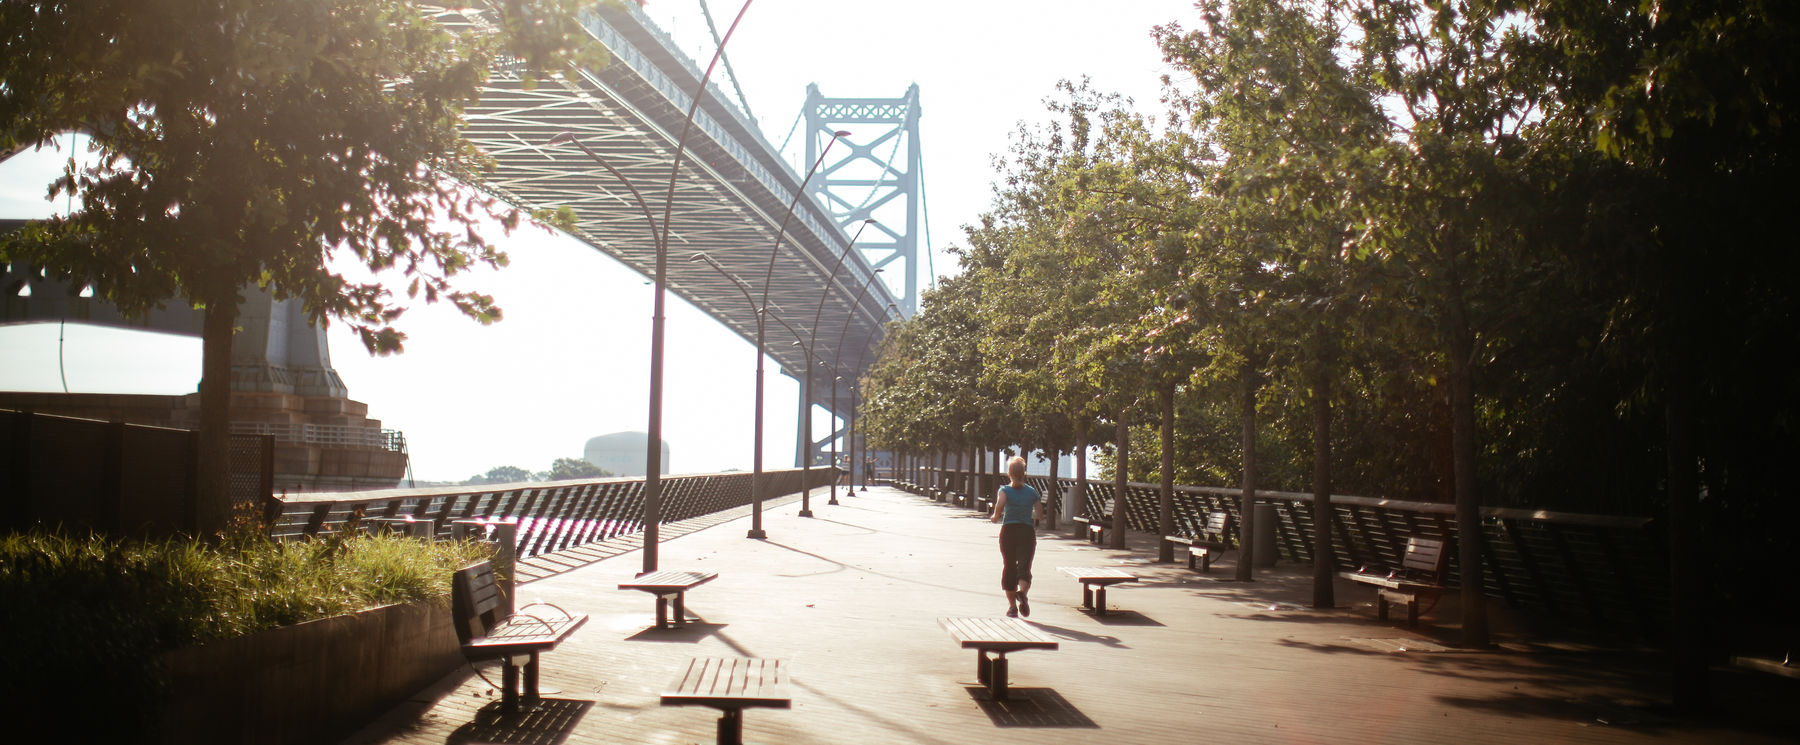 Race Street Pier